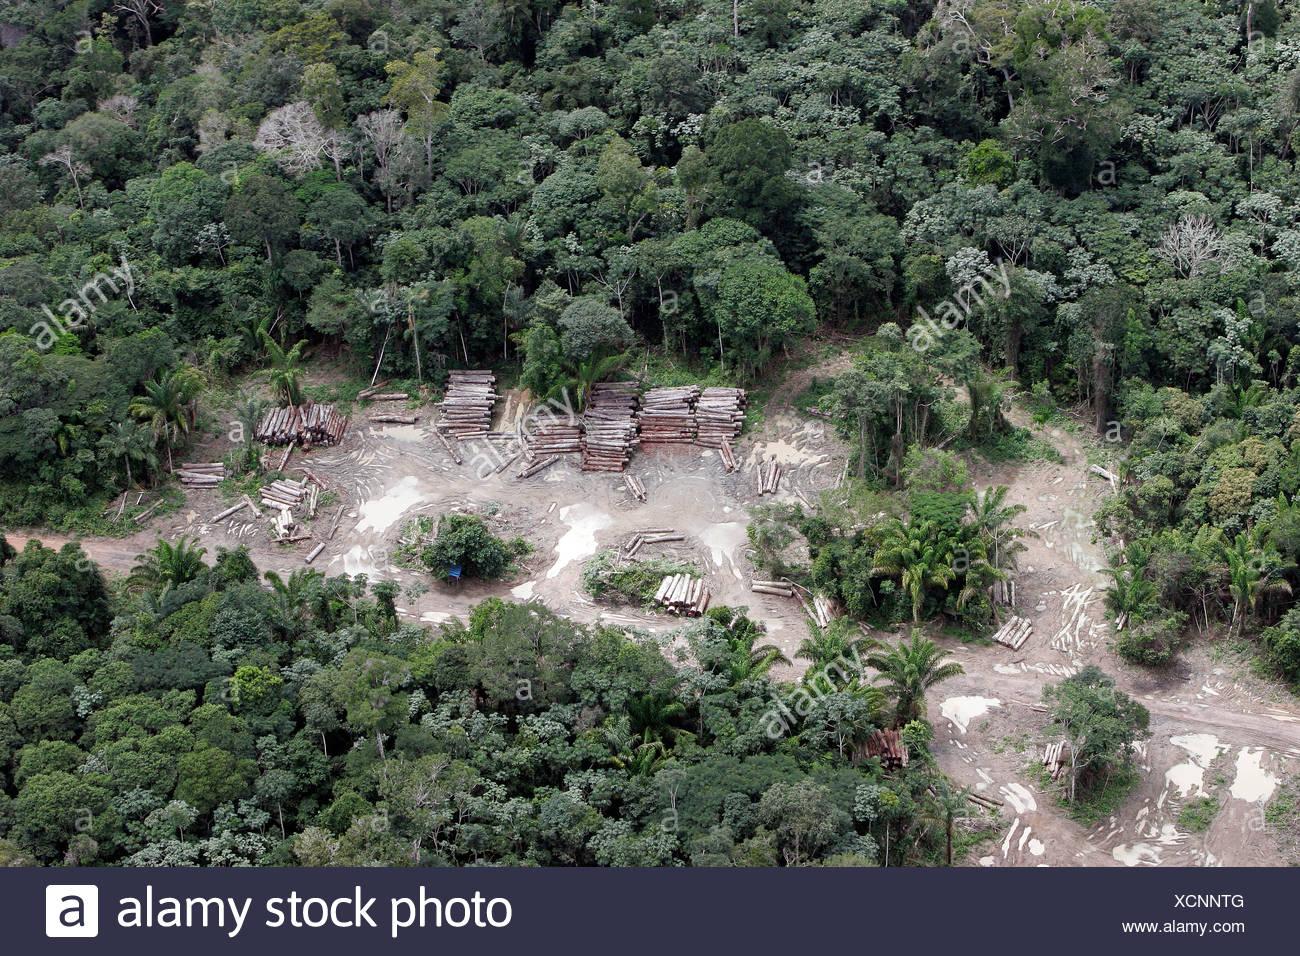 Forêt amazonienne pour jeu illégal l'agriculture journal coupe cachée dans forêt d'agence environnementale brésilienne Ibama - Photo Stock